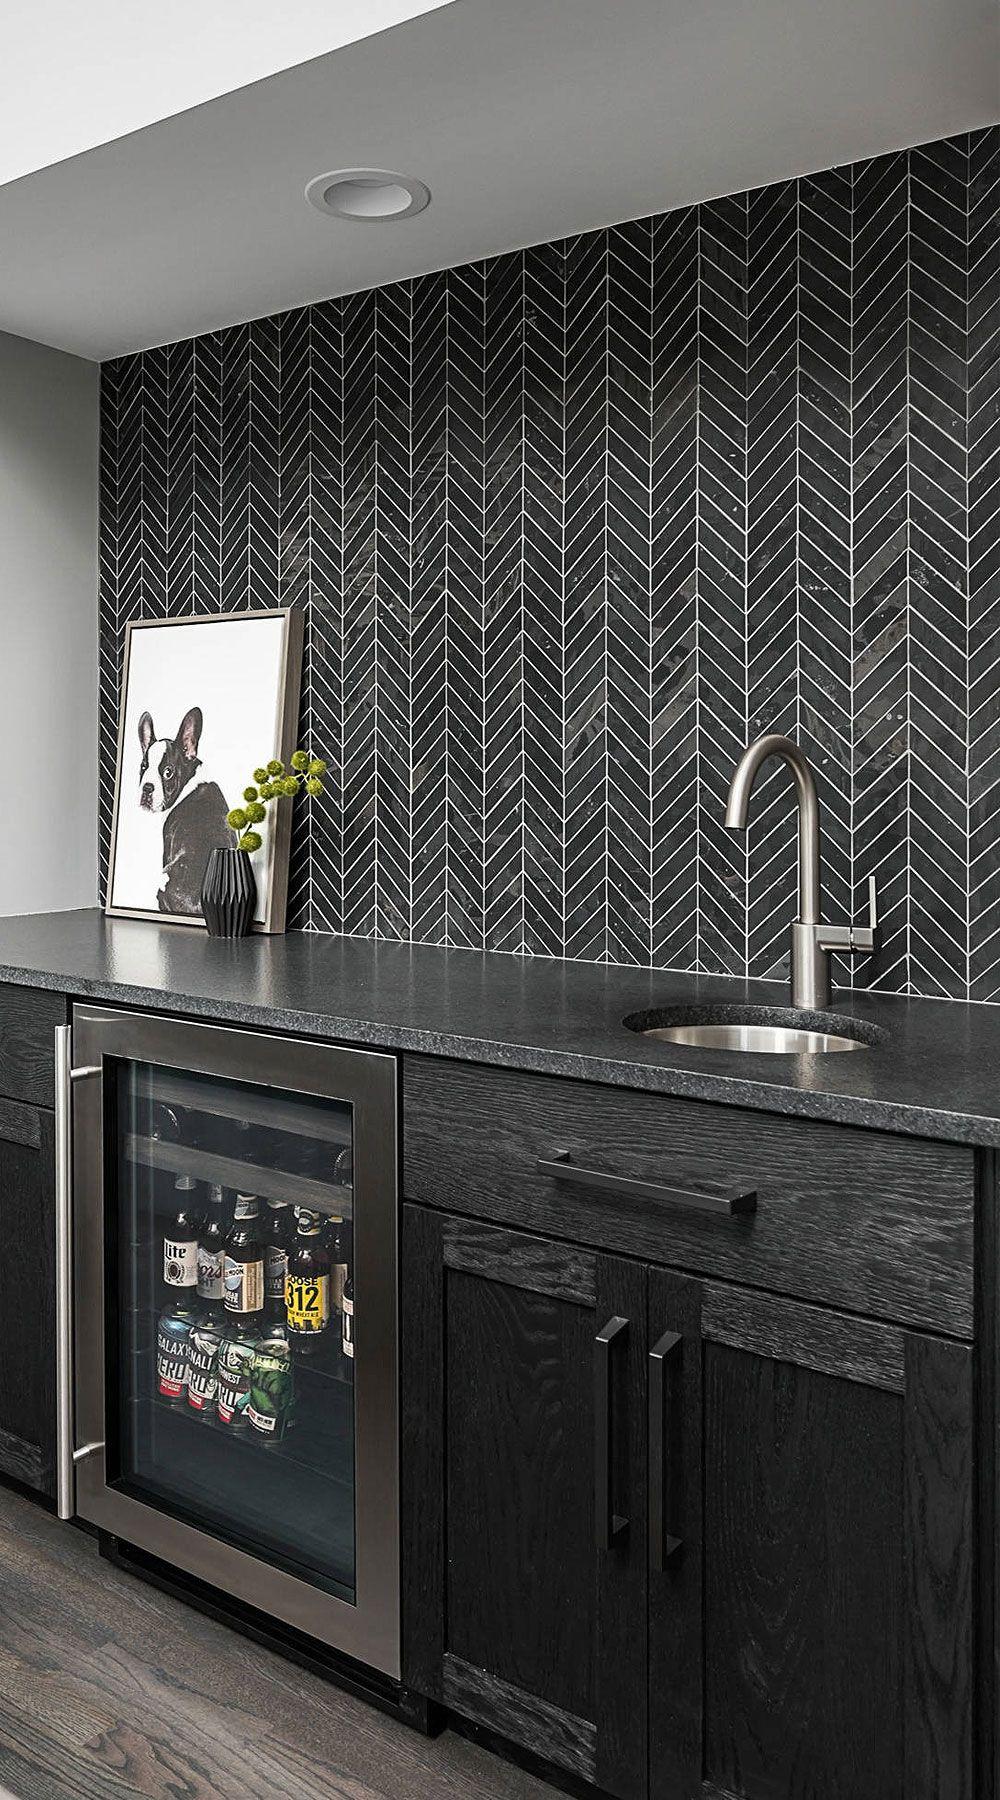 31 Black Subway Backsplash Ideas The Power Of Black Color Contemporary Kitchen Backsplash Basement Bar Designs Black Kitchens Dark tile kitchen backsplash